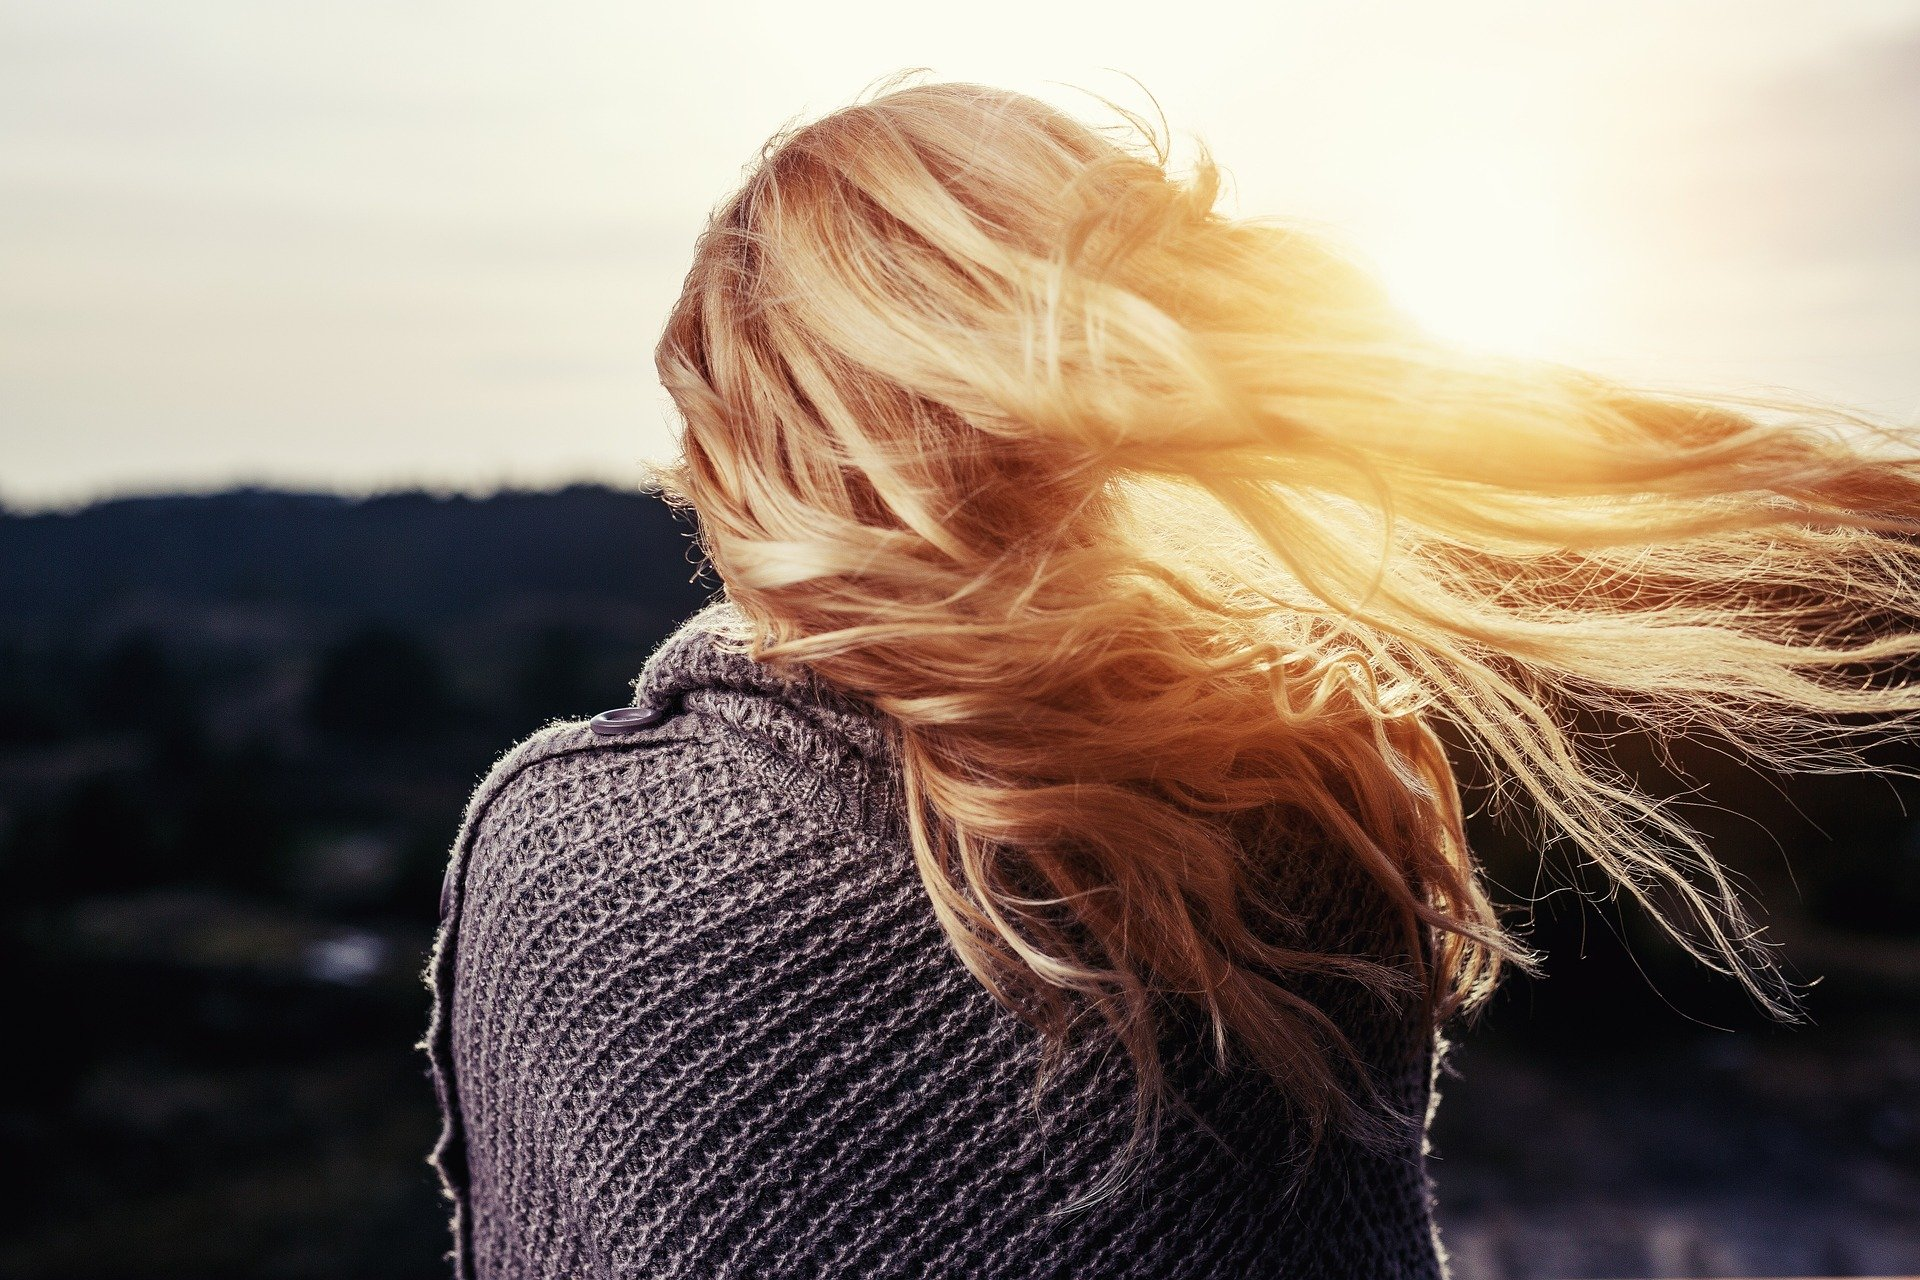 Pielęgnacja włosów blond, czyli jak dbać o włosy rozjaśniane?